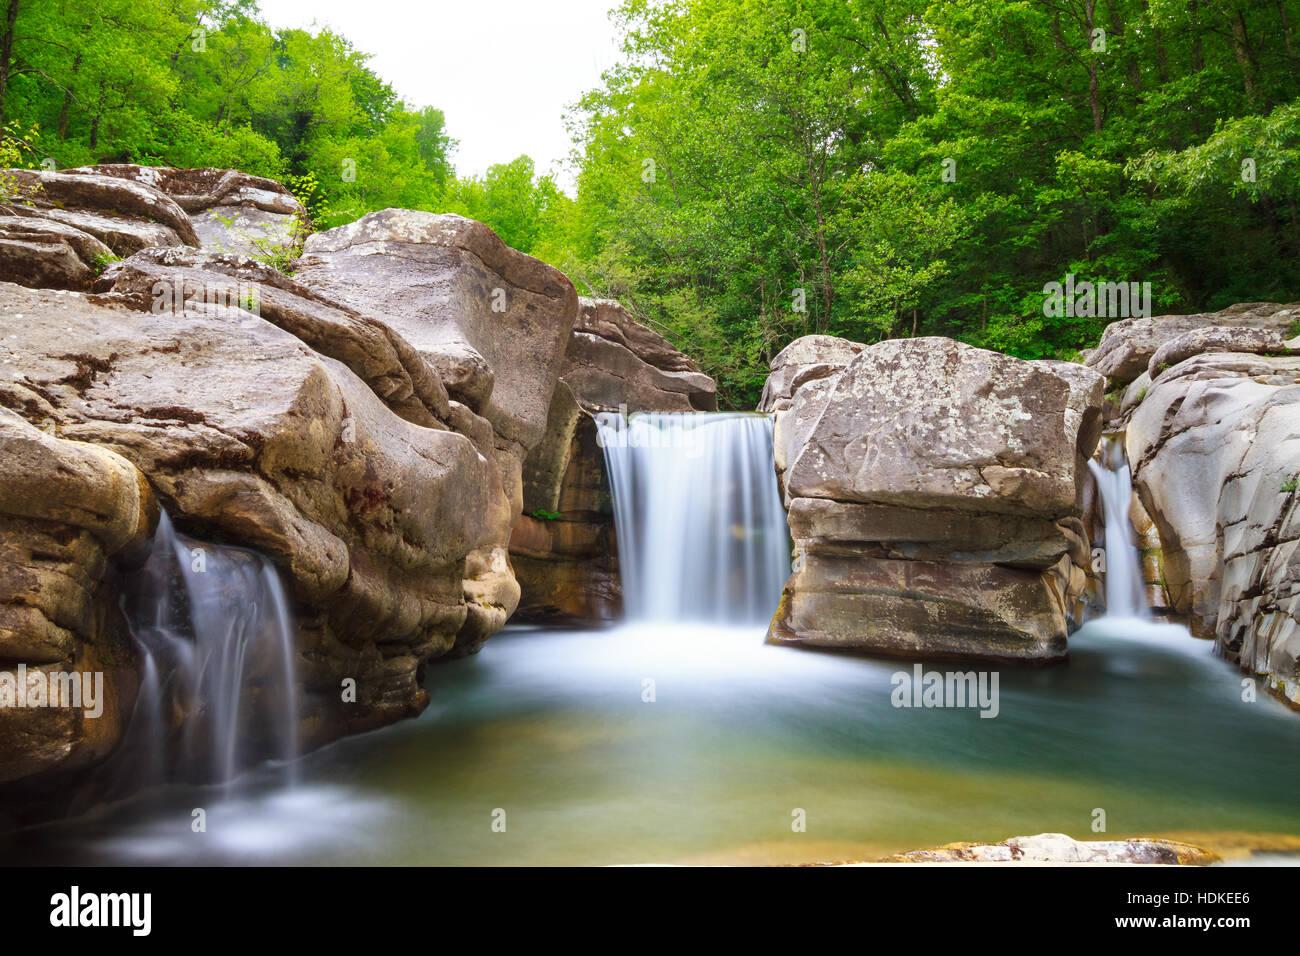 Paisaje con cascada de rocas y árboles Imagen De Stock